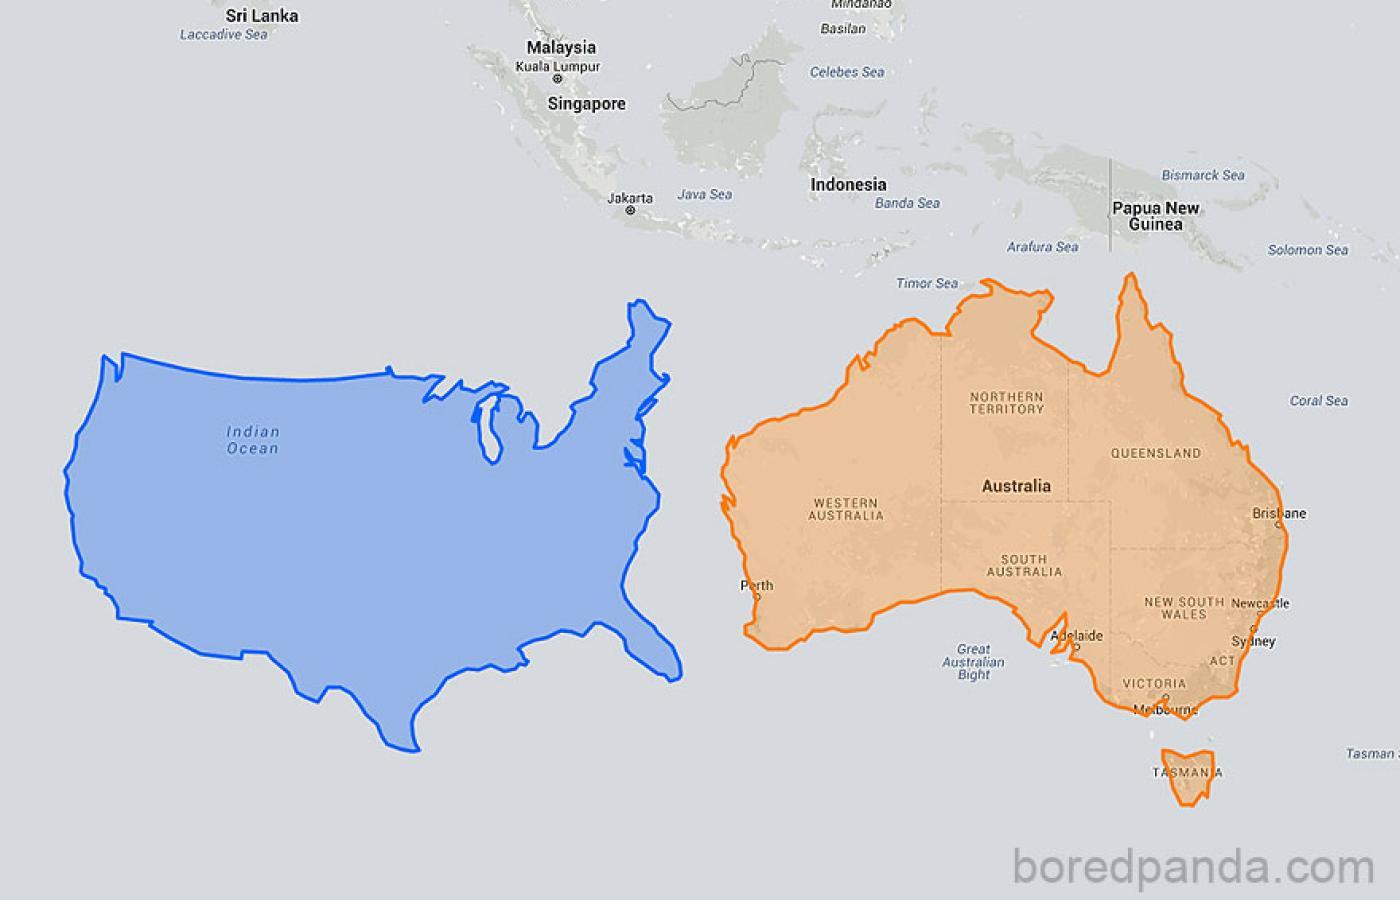 24 Mapy Które Pokazują Jak Naprawdę Duże Lub Małe Są Państwa